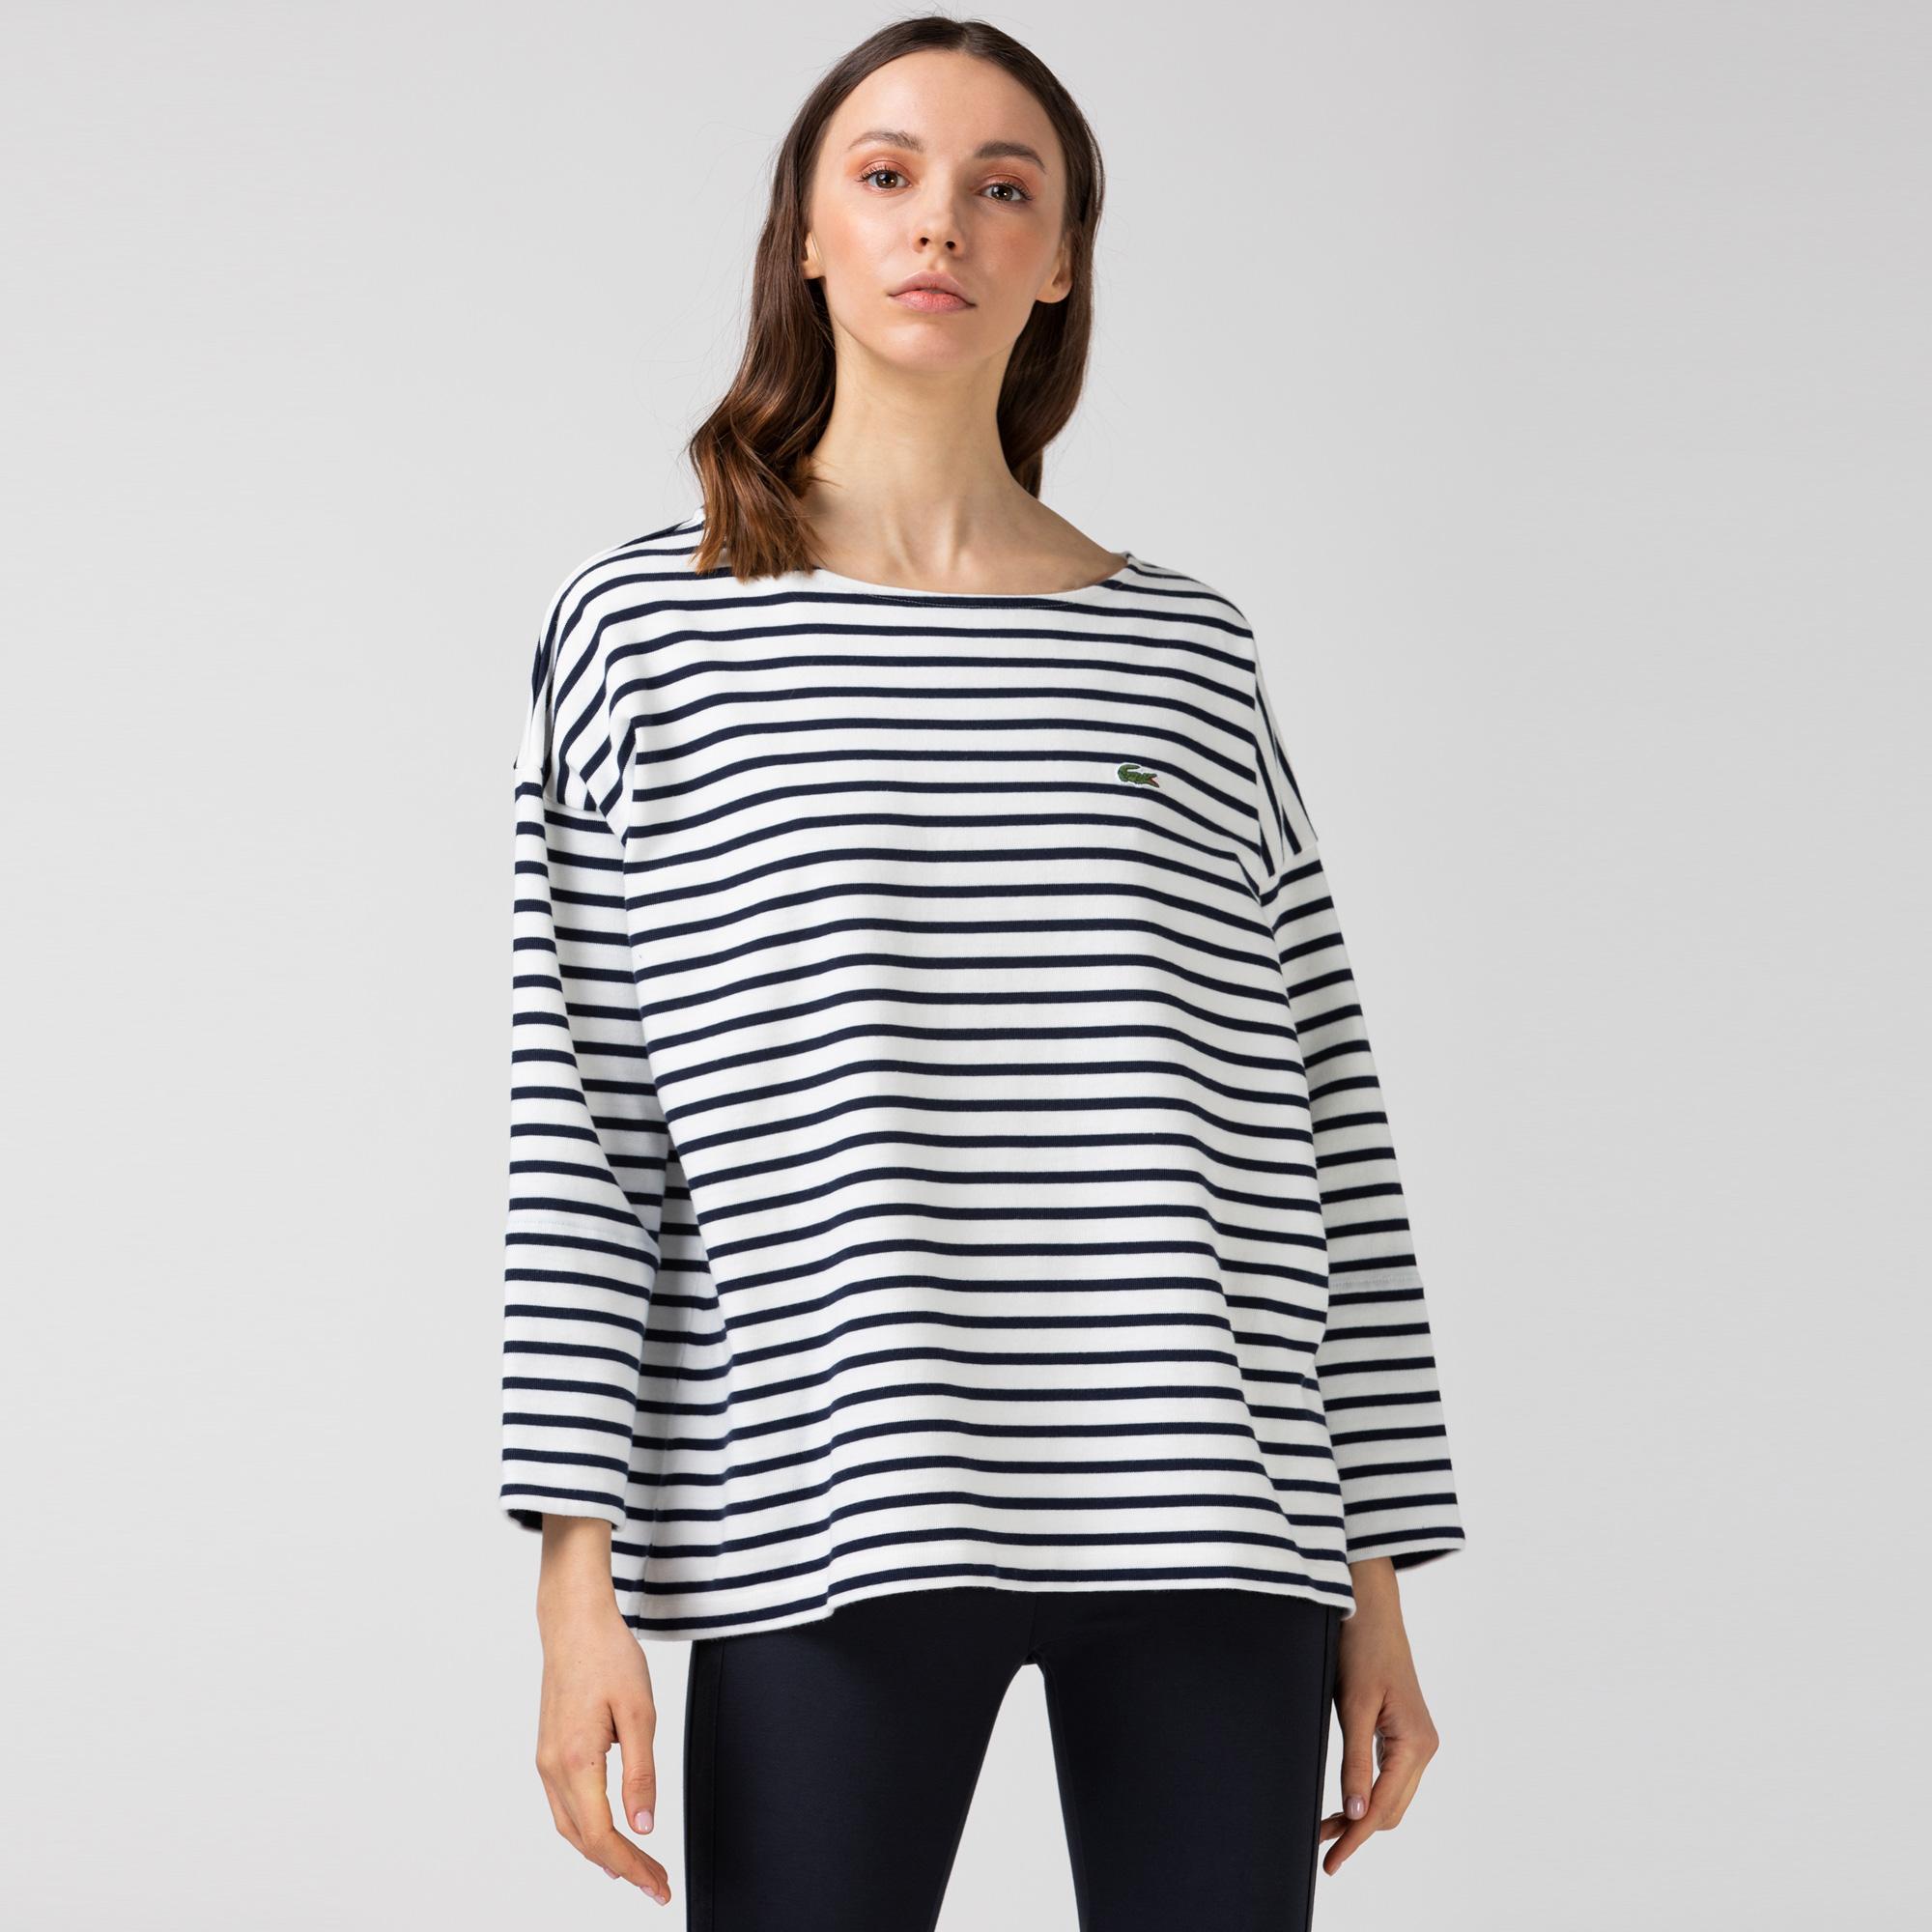 Lacoste Kadın Kayık Yaka Çizgili Uzun Kollu Lacivert - Beyaz T-Shirt